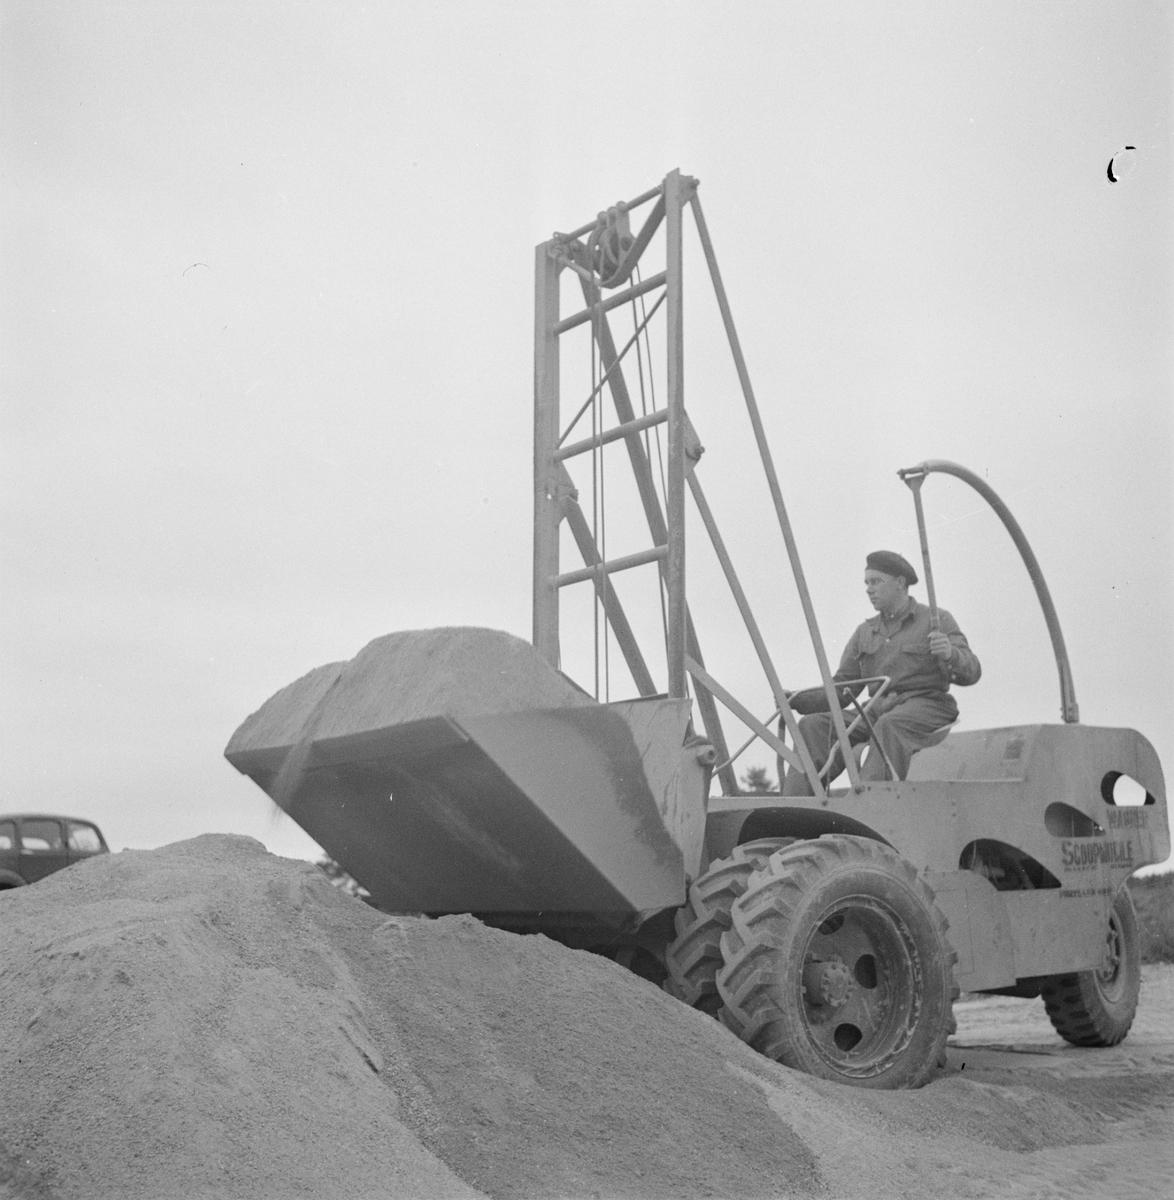 Vägförvaltningen, nya asfaltmaskiner på Enköpingsvägen, Uppland, september 1947